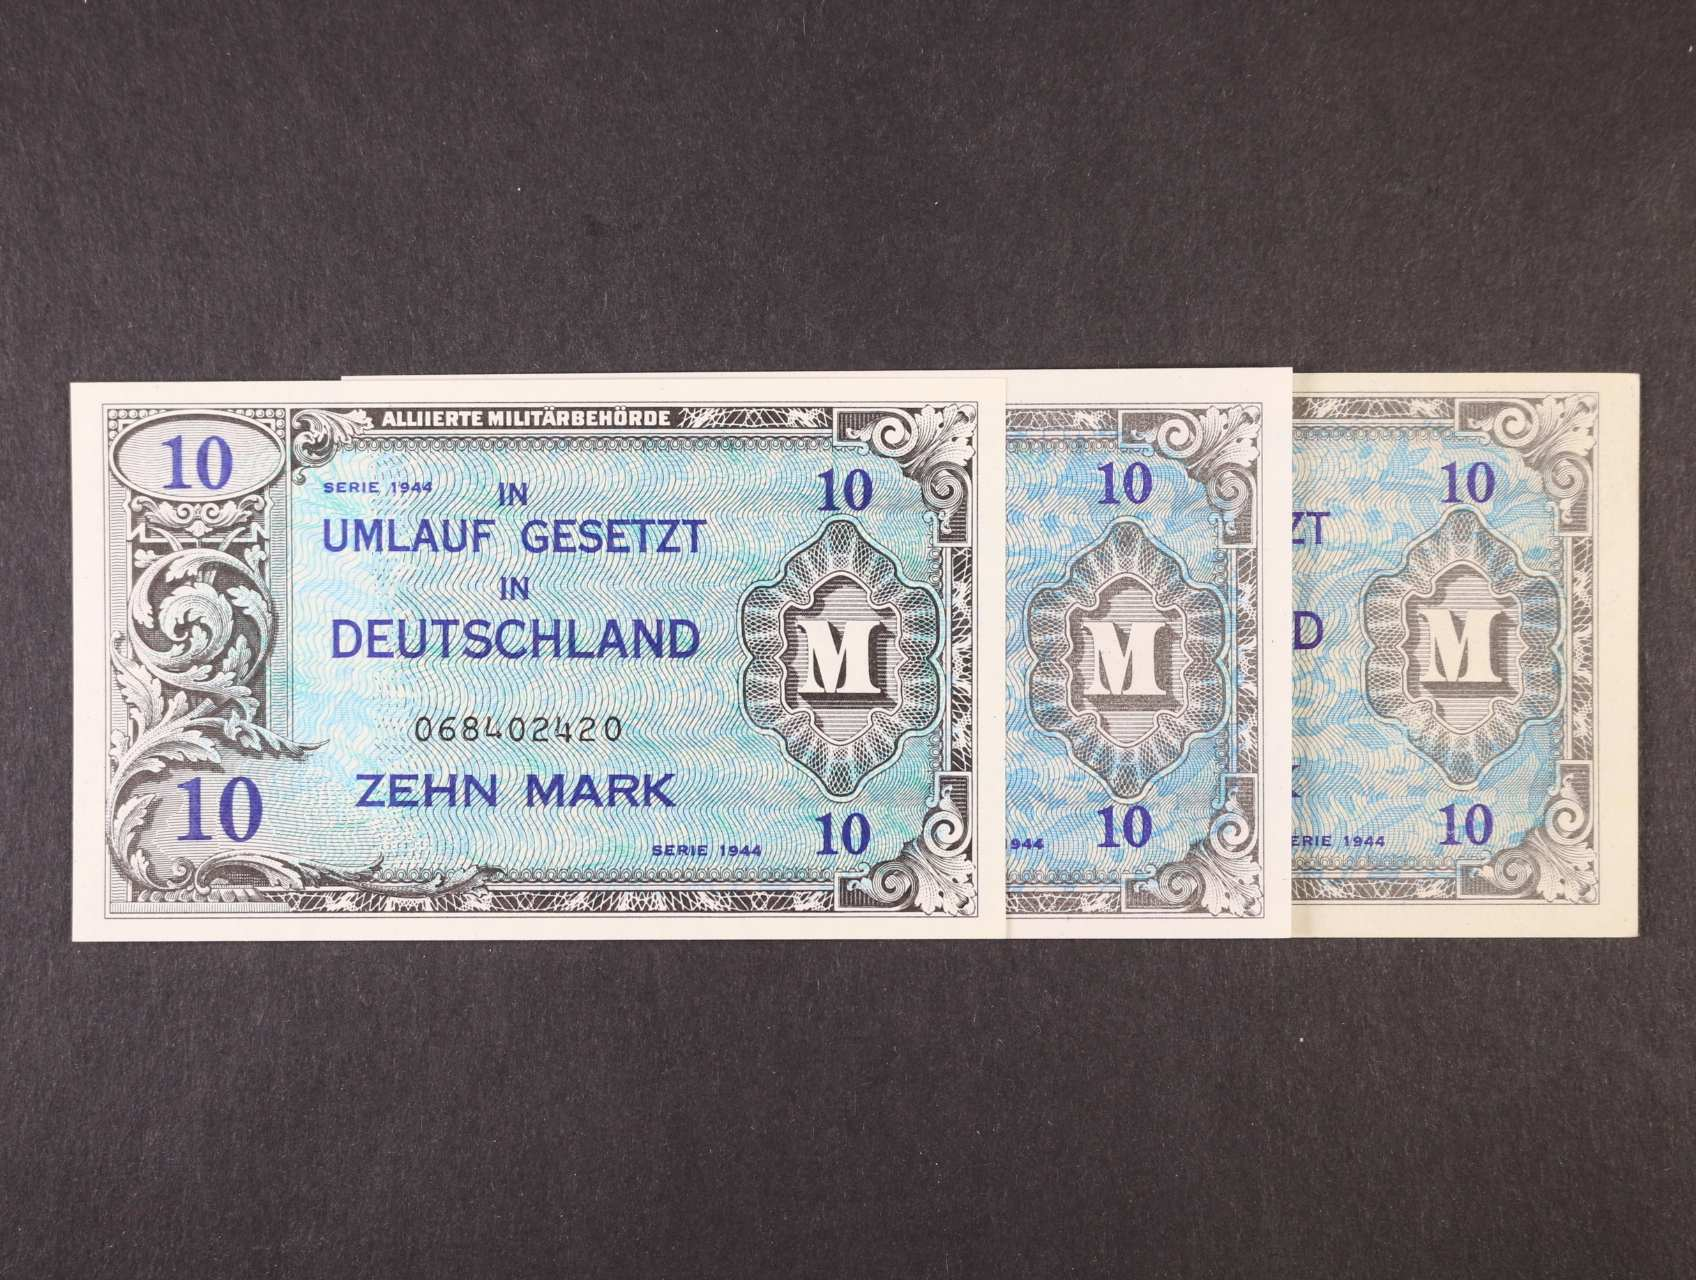 Allierte, 10 Mark 1944 9-ti místný číslovač, tisk USA + 8-mi a 9-ti místný číslovač, tisk SSSR, platné na ČS území, Ro. 203 a, c, d, Ba. AM4a, c, d